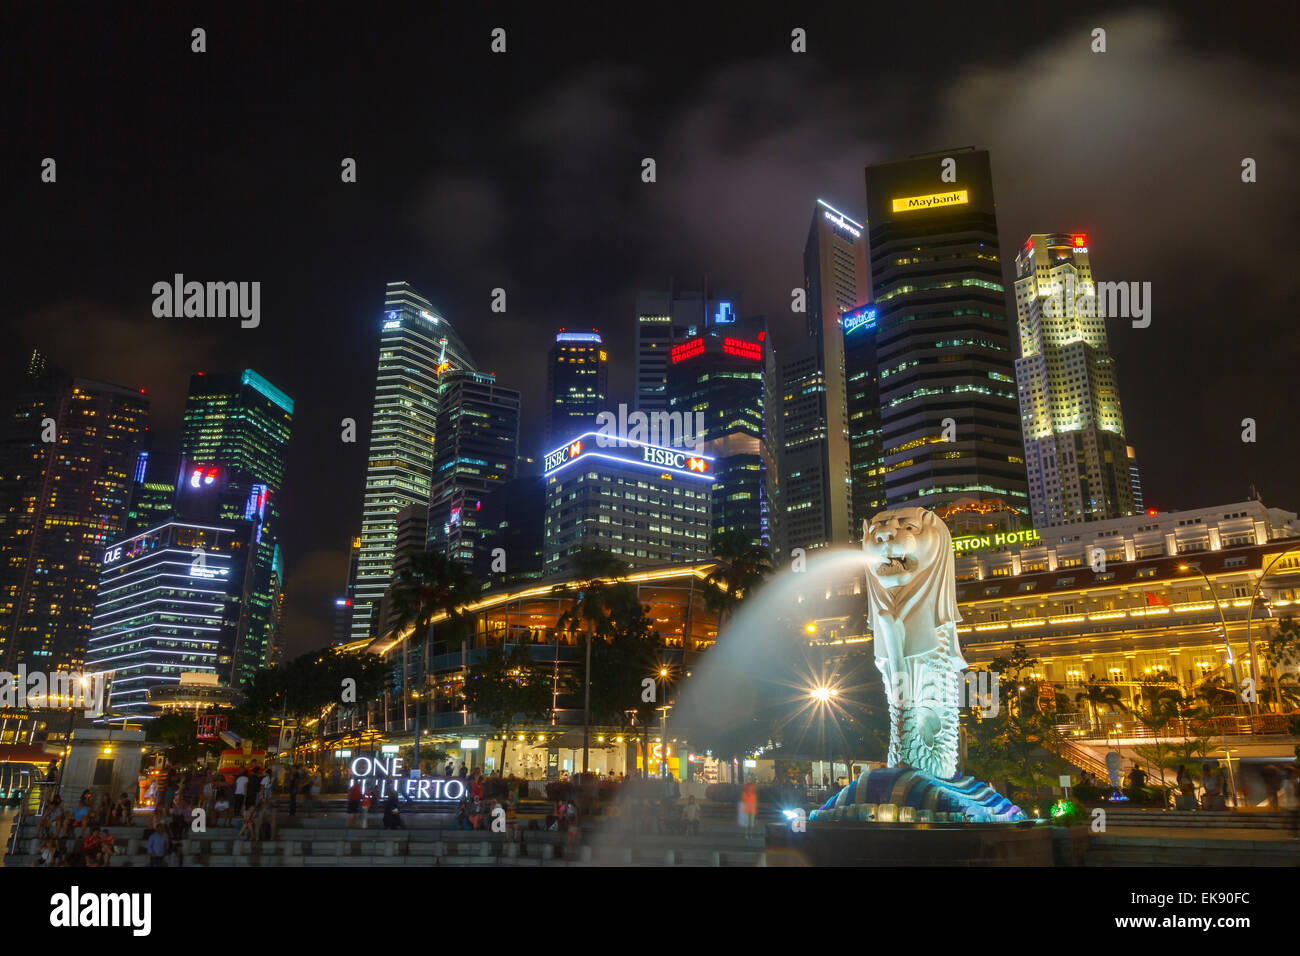 Gratte-ciel et statue du Merlion. Merlion Park. Singapour, en Asie. Banque D'Images